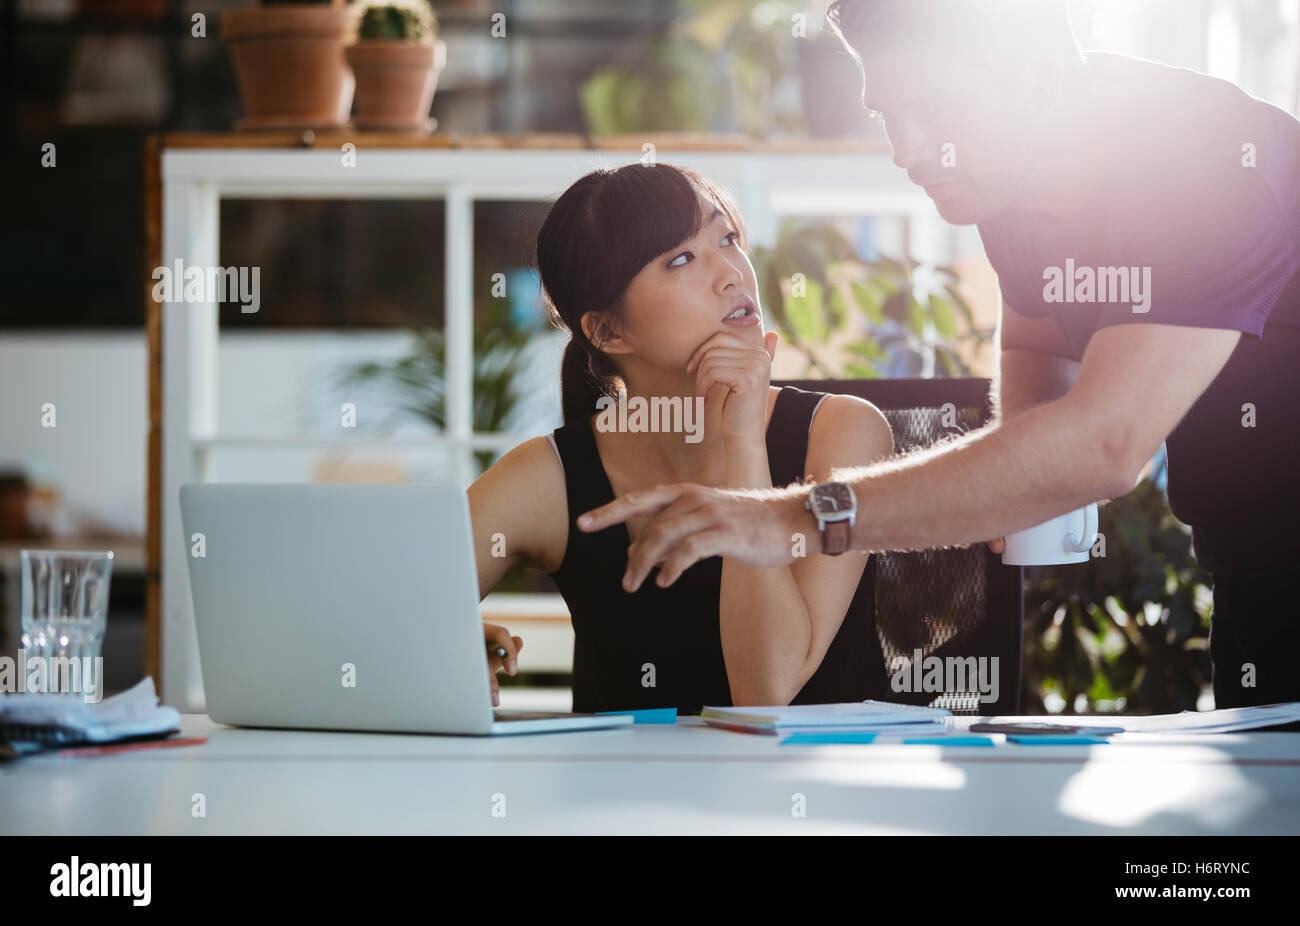 Foto de joven mujer asiática estaba sentada en su pupitre con el hombre apuntando a la portátil. Dos jóvenes Imagen De Stock